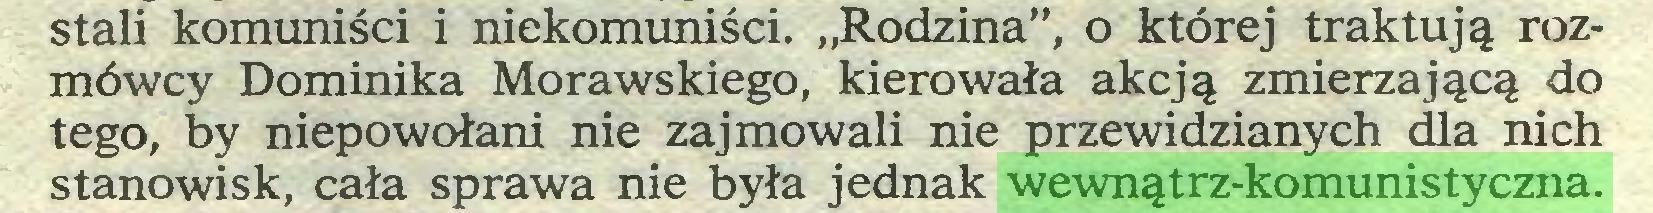 """(...) stali komuniści i niekomuniści. """"Rodzina"""", o której traktują rozmówcy Dominika Morawskiego, kierowała akcją zmierzającą do tego, by niepowołani nie zajmowali nie przewidzianych dla nich stanowisk, cała sprawa nie była jednak wewnątrz-komunistyczna..."""